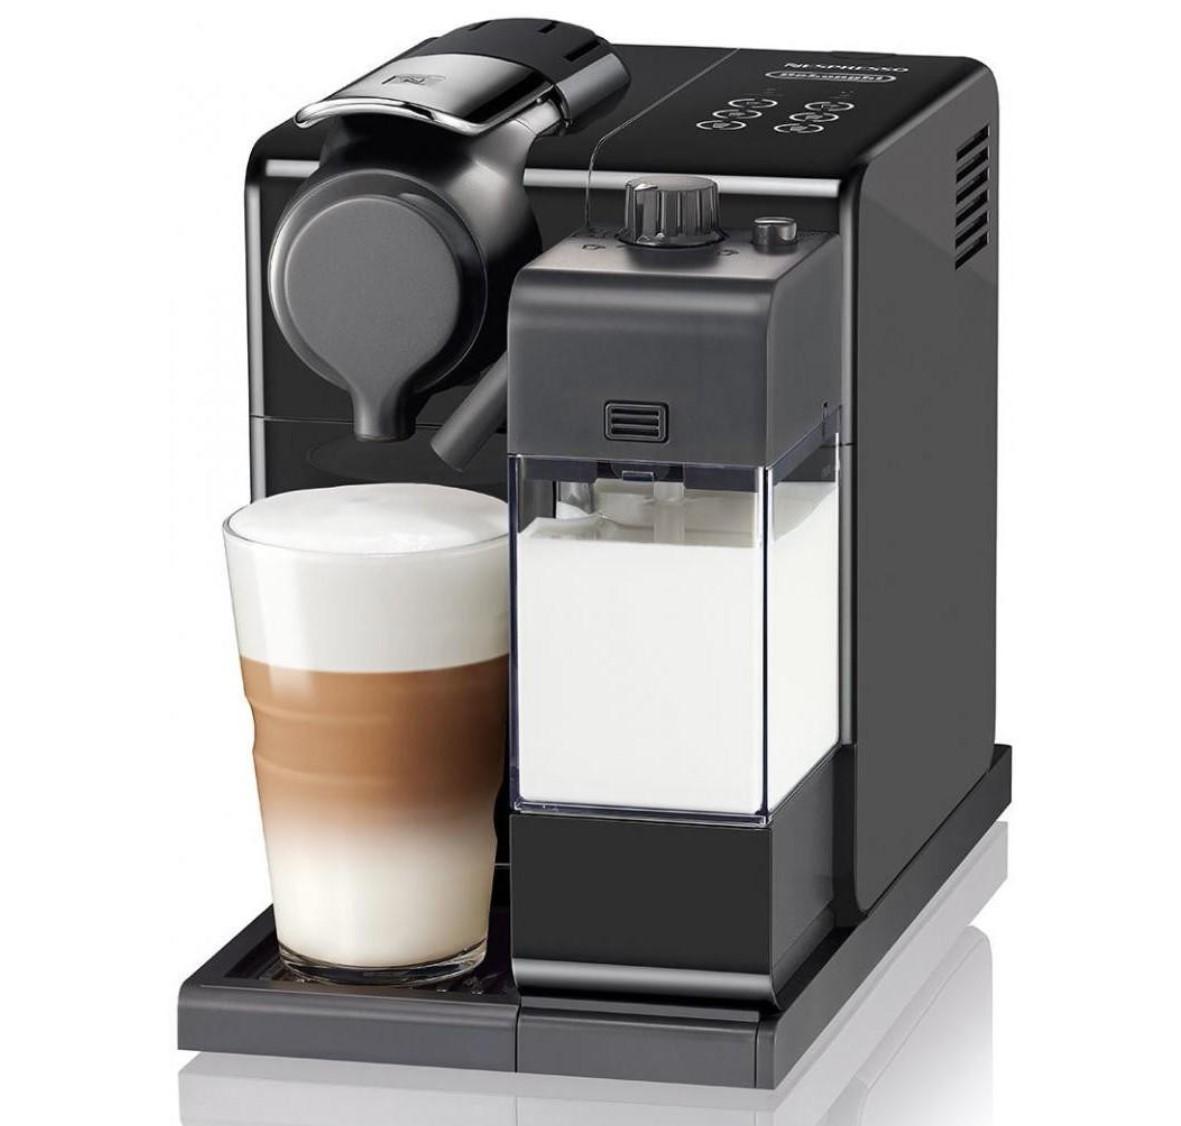 Капсульные кофемашины, Капсульная кофеварка Nespresso Lattissima Touch EN560.B Black, Чорний  - купить со скидкой